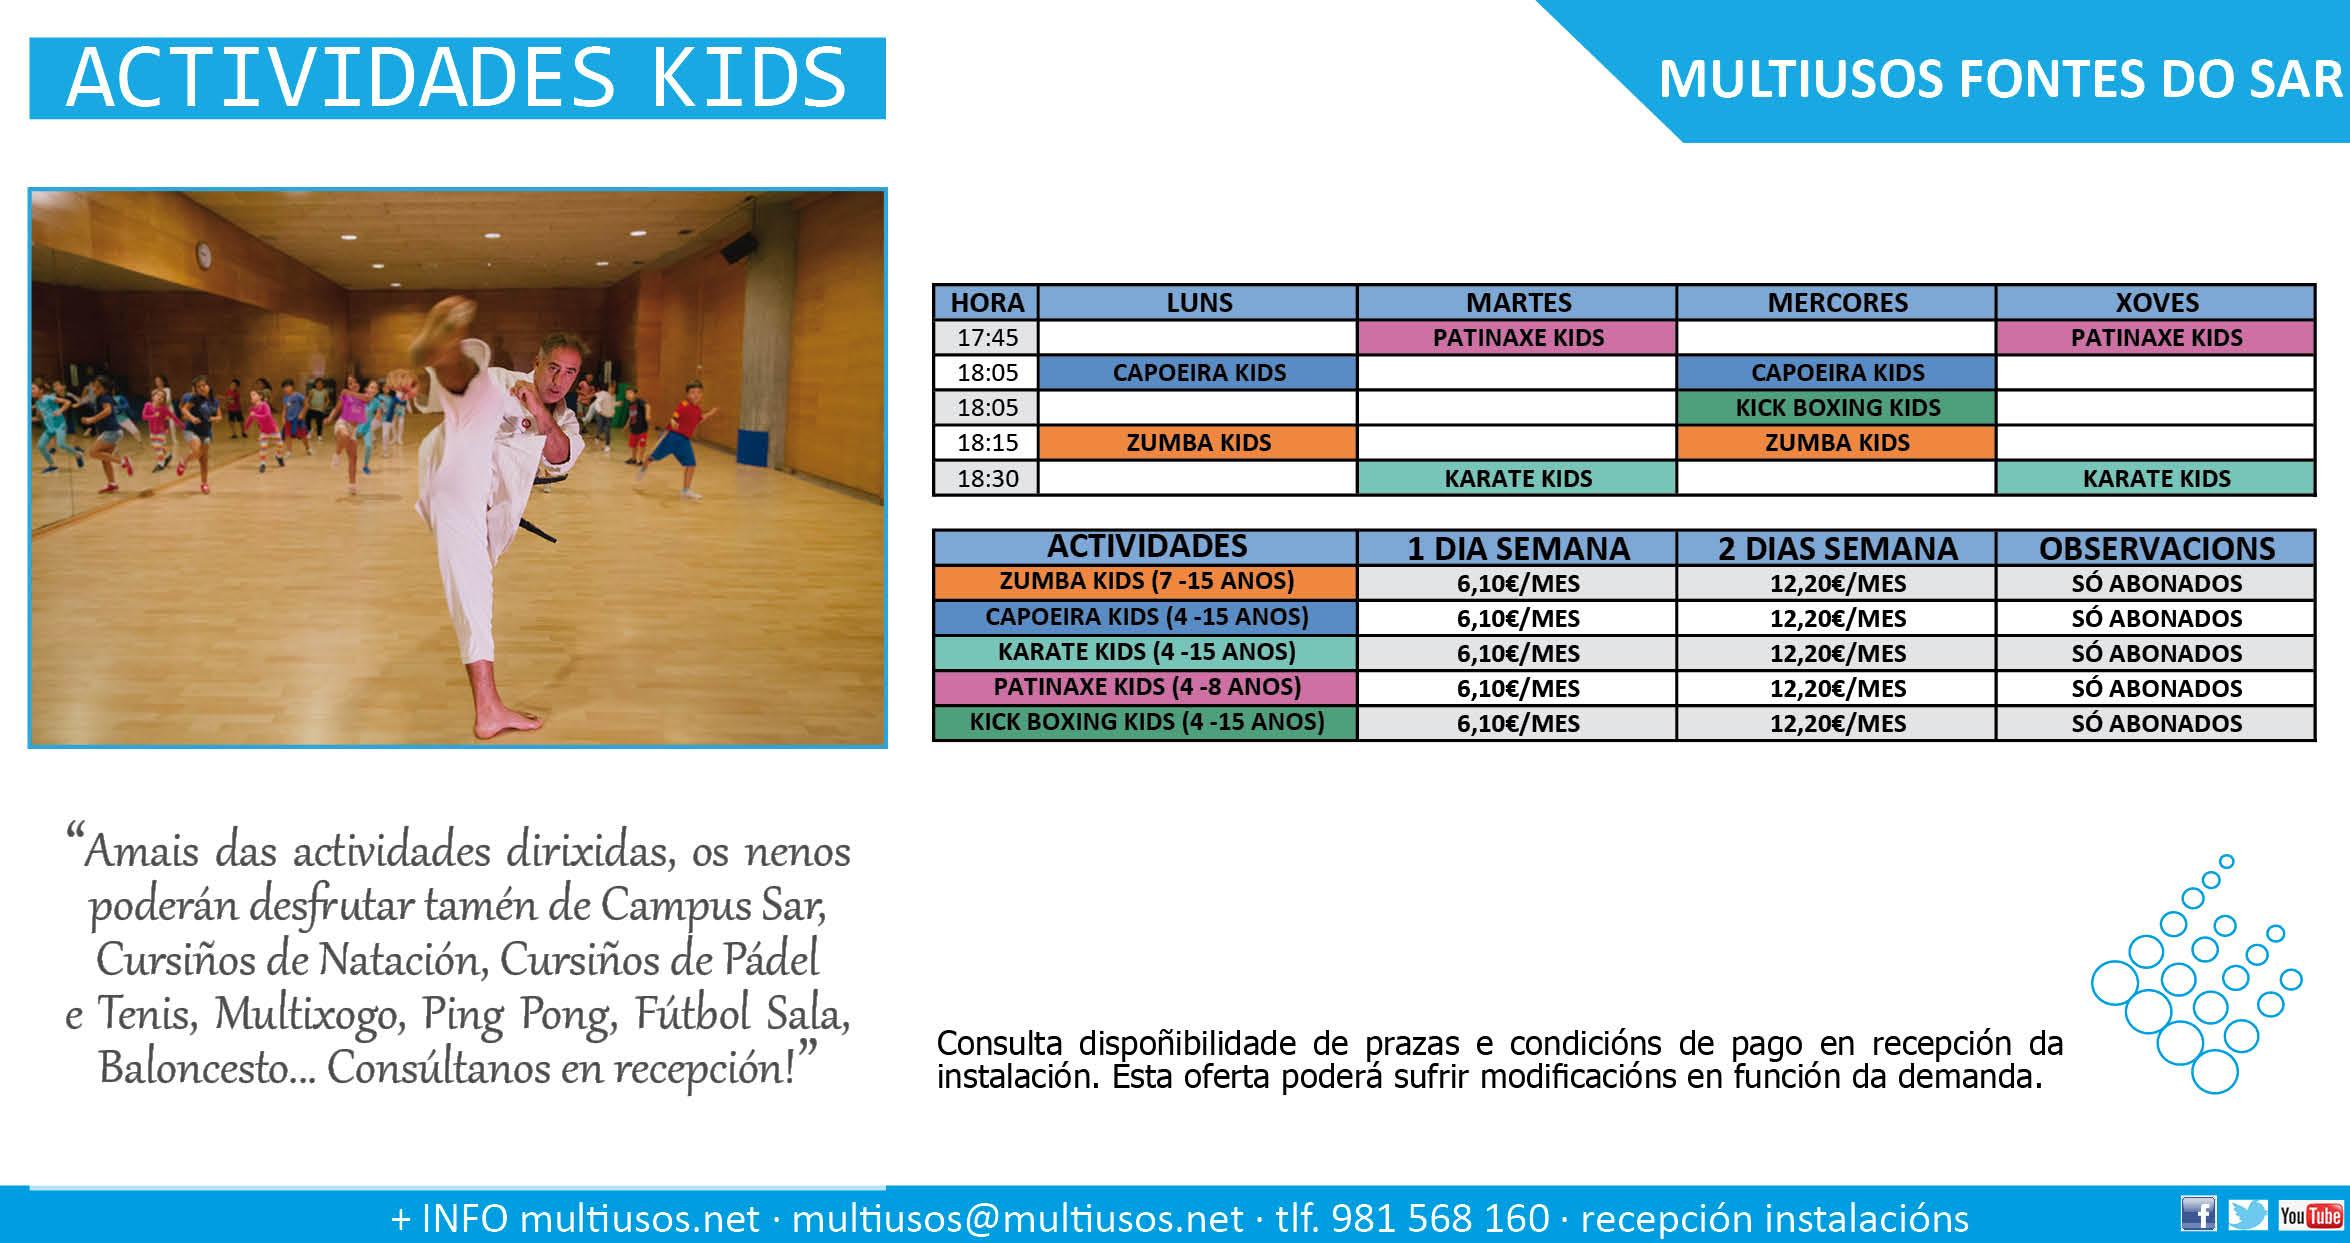 Actividades nenos